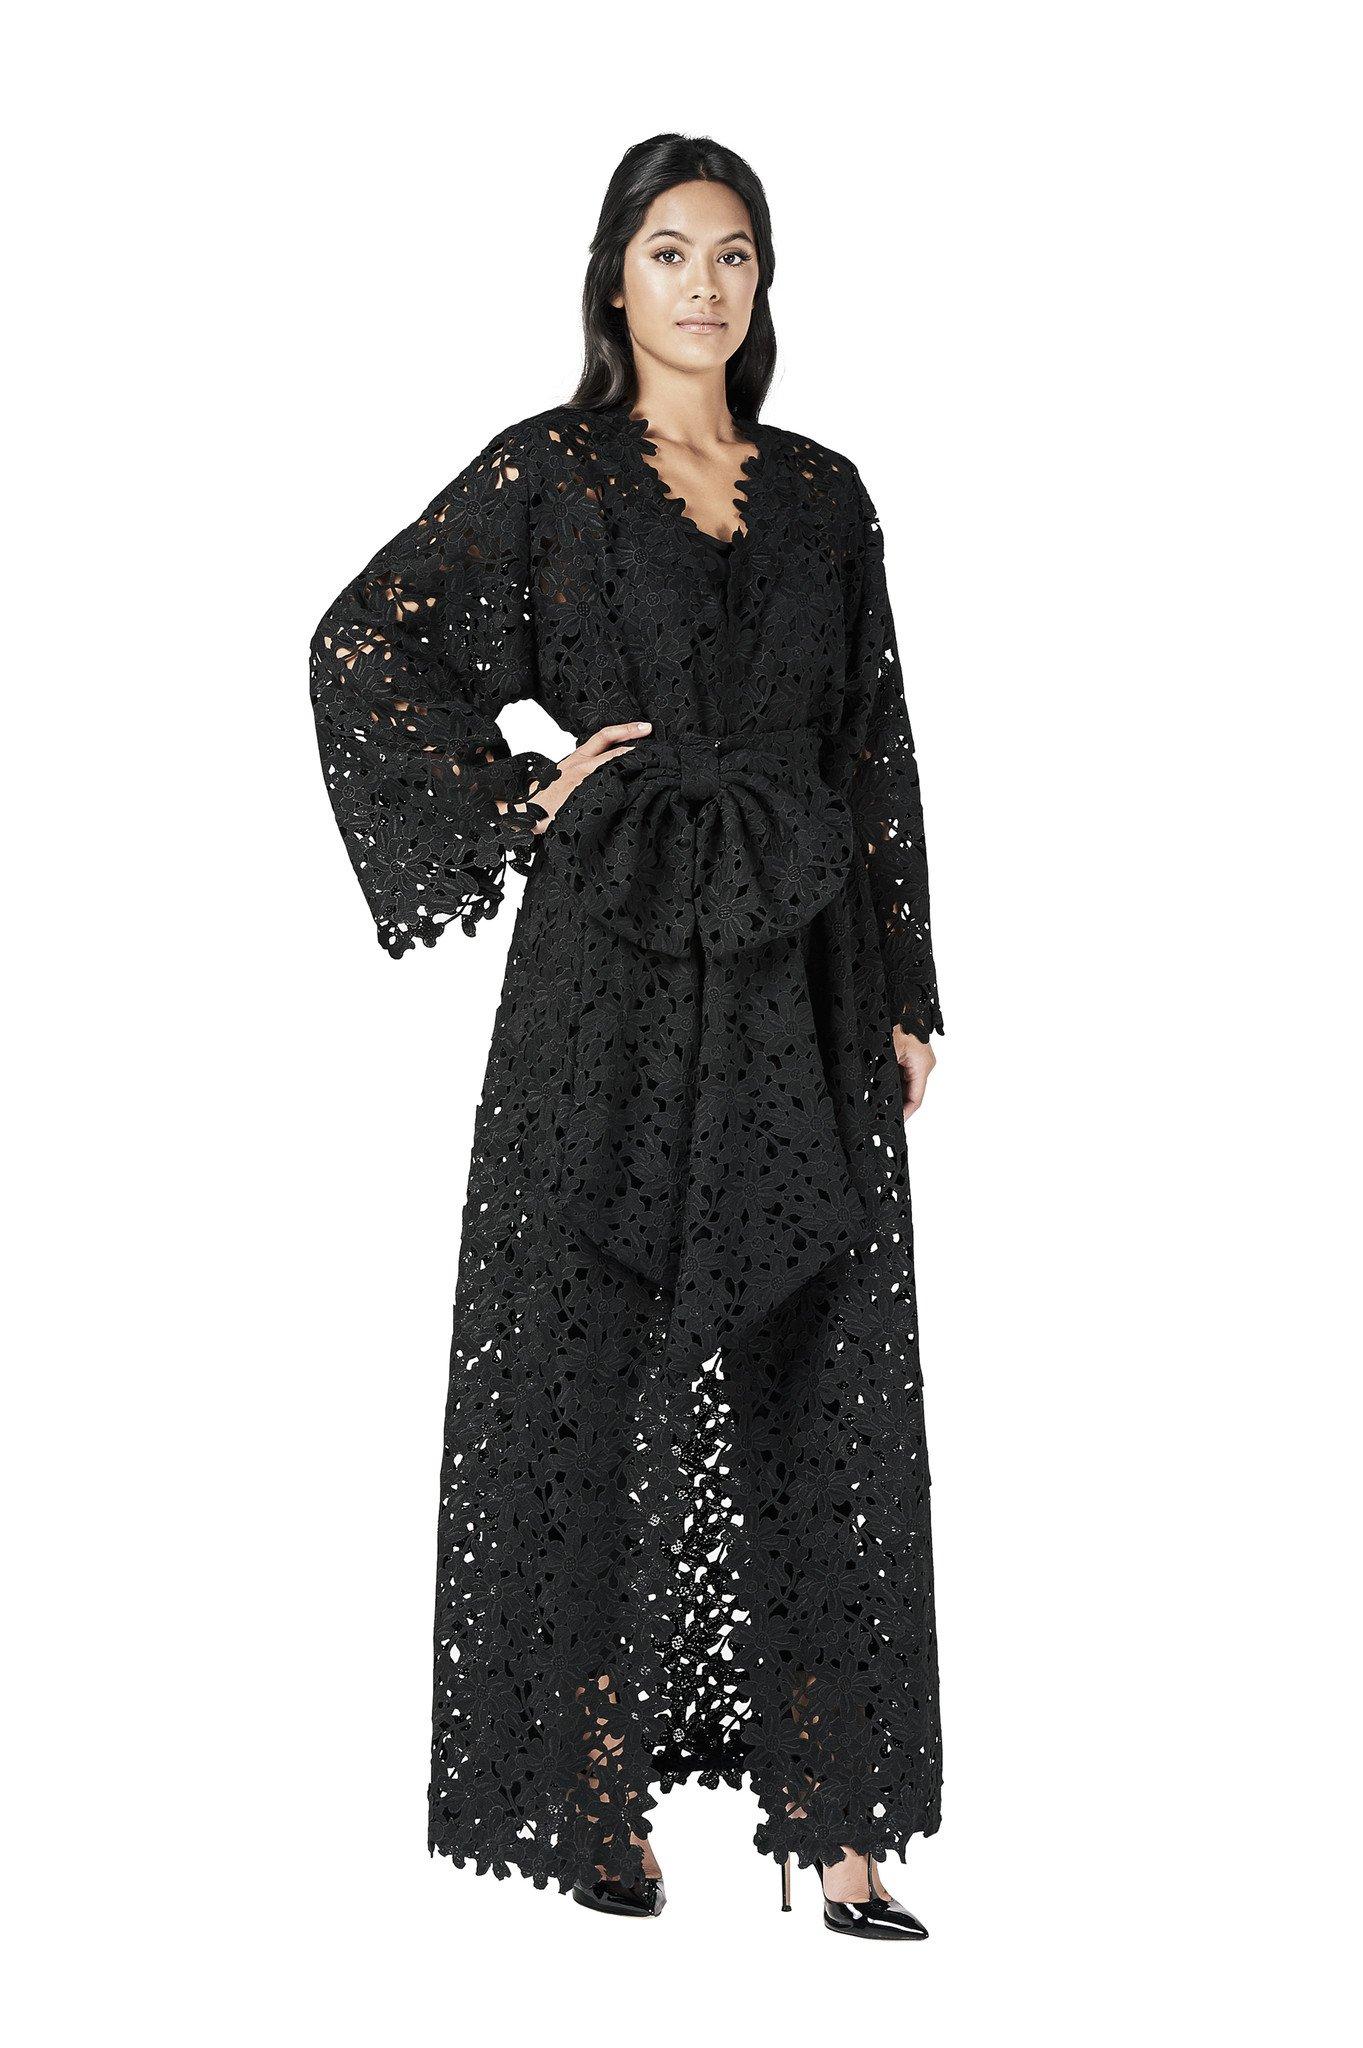 احدث موديلات عبايات خليجية سوداء فخمة 2015 2016 Avan